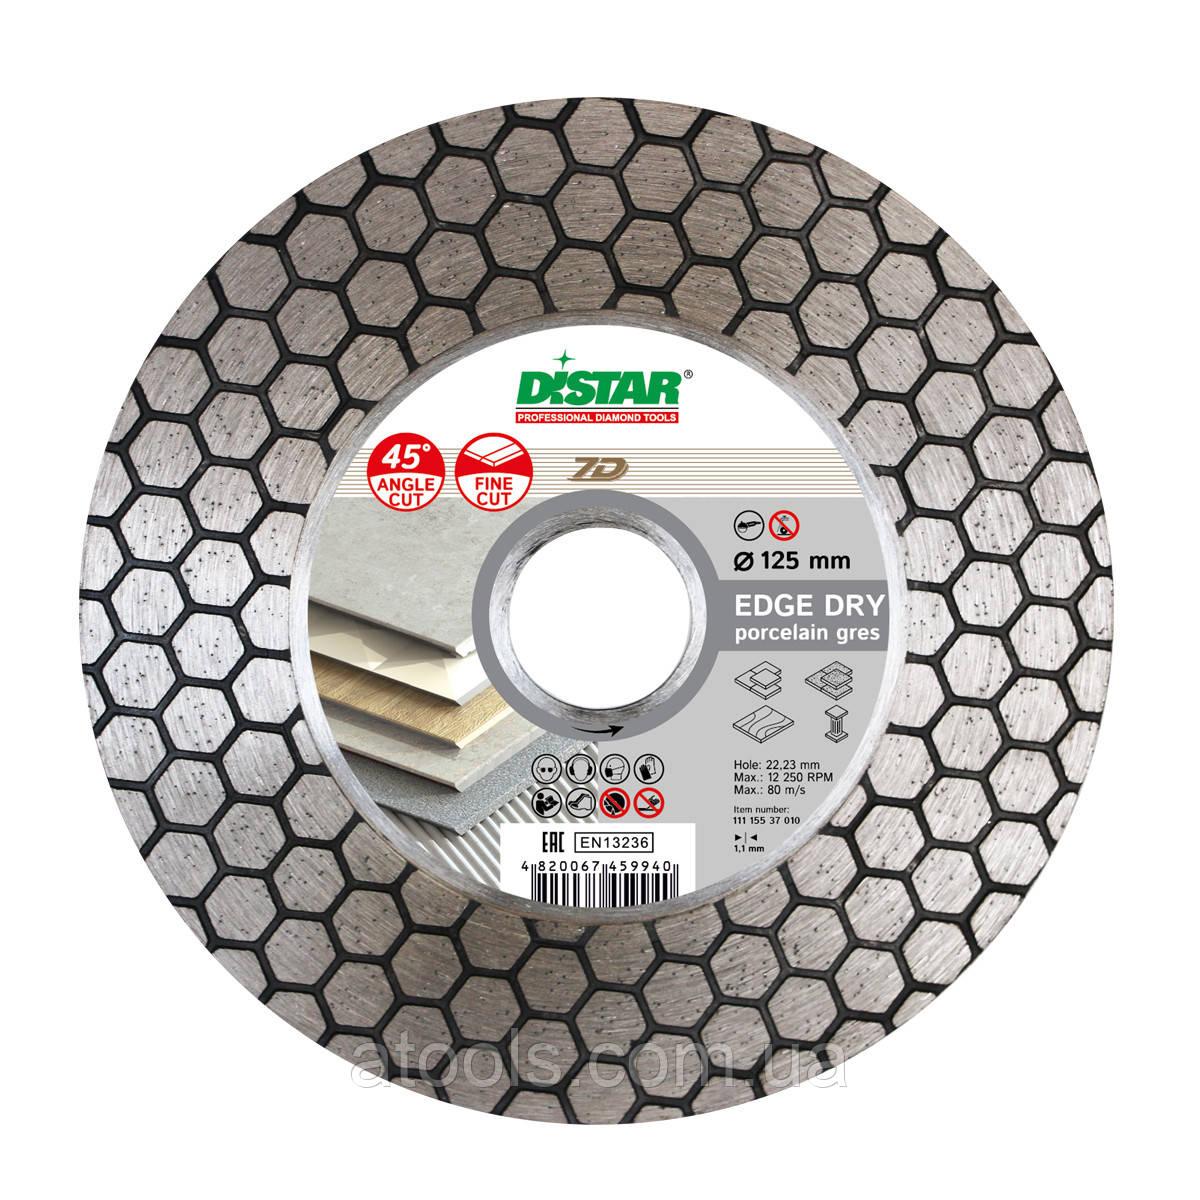 Алмазный диск DISTAR EDGE DRY 1A1R 125x22.2 (11117546010)